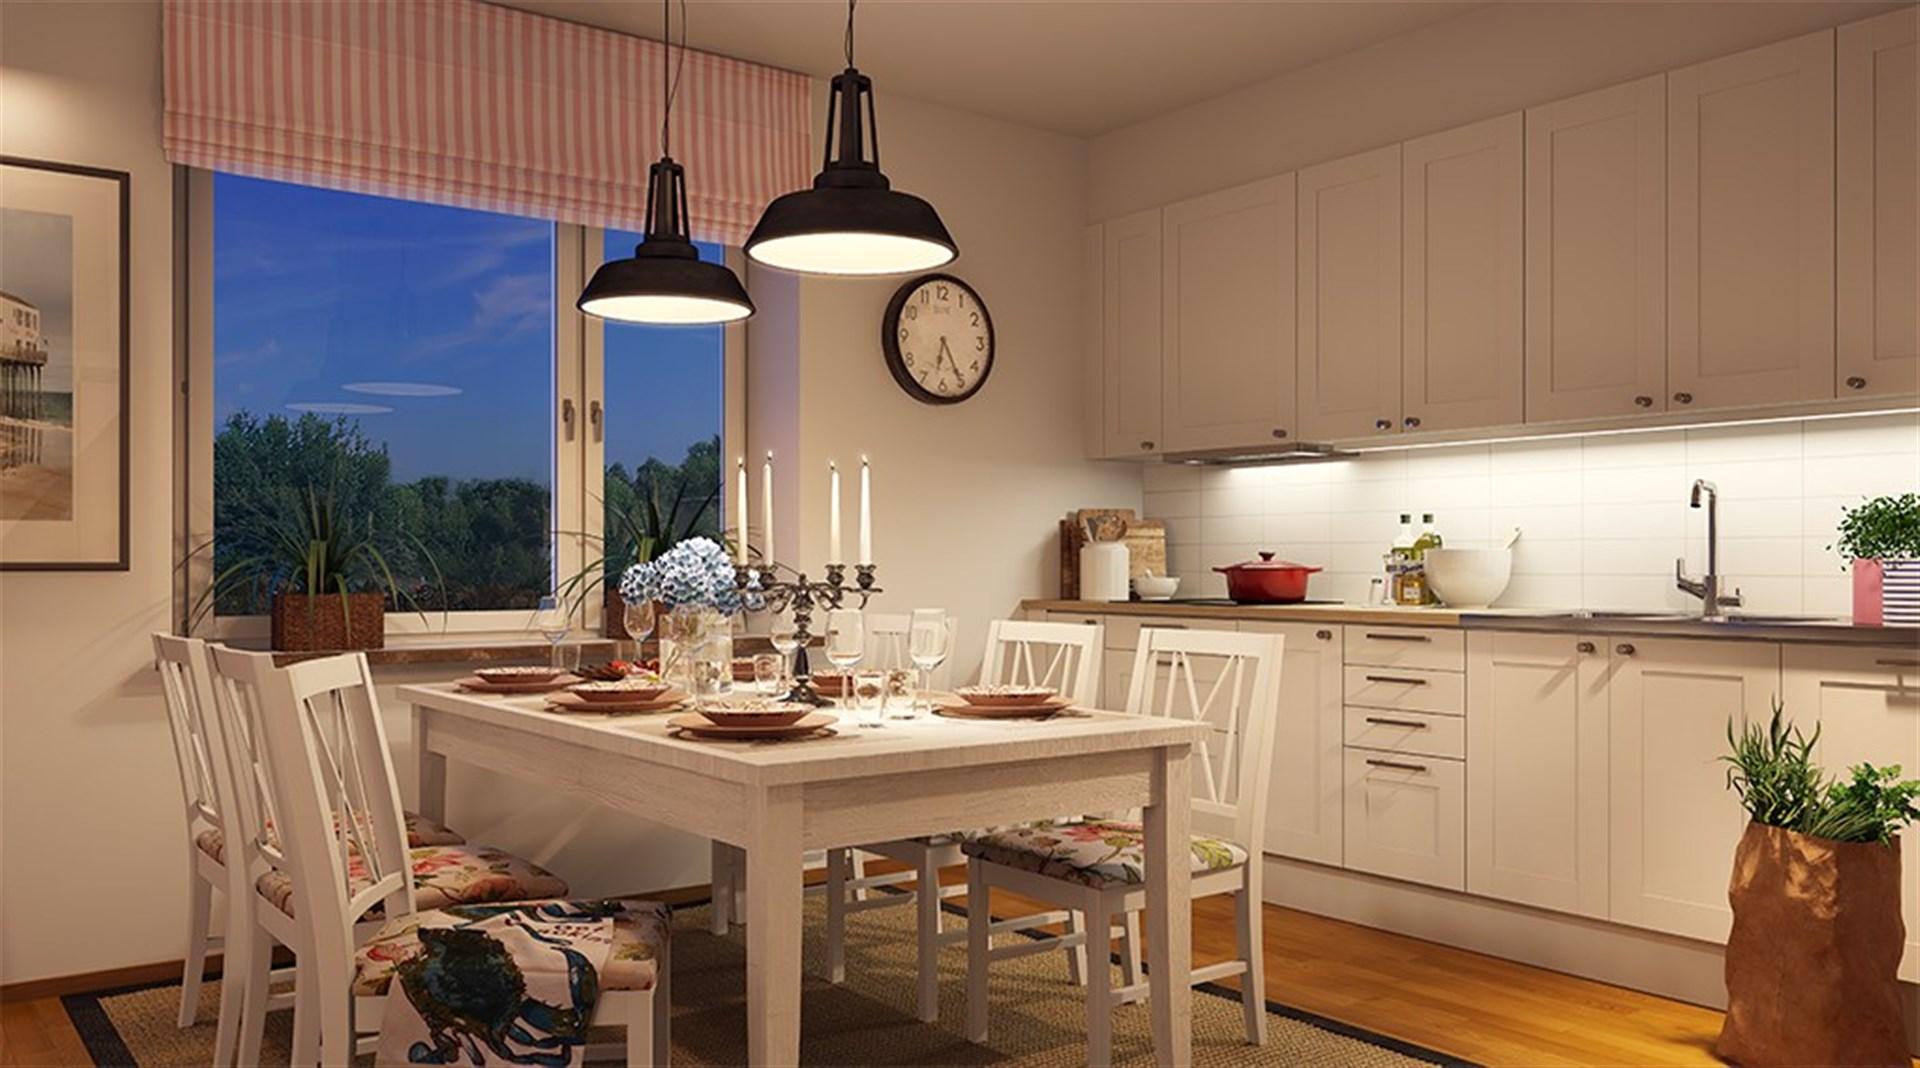 Exempel på köket från försäljningsmaterial Bonova. Ej bild från lägenheten som är till salu.